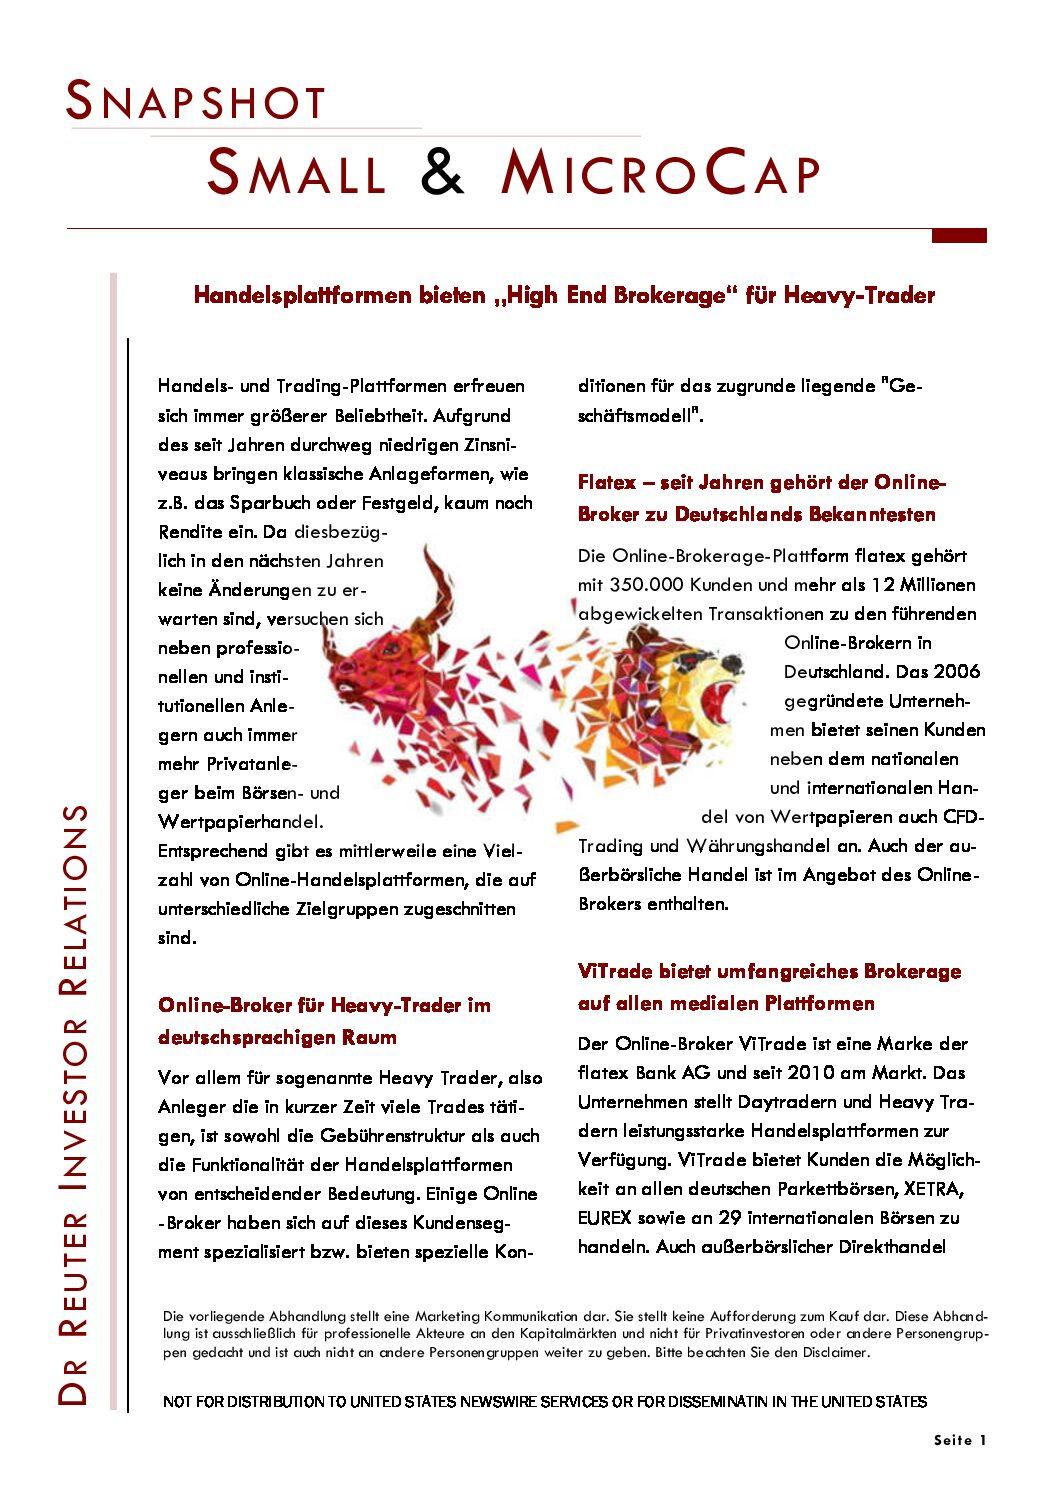 """Snapshot 09.09.2020 sino AG: Handelsplattformen bieten """"High End Brokerage"""" für Heavy Trader"""